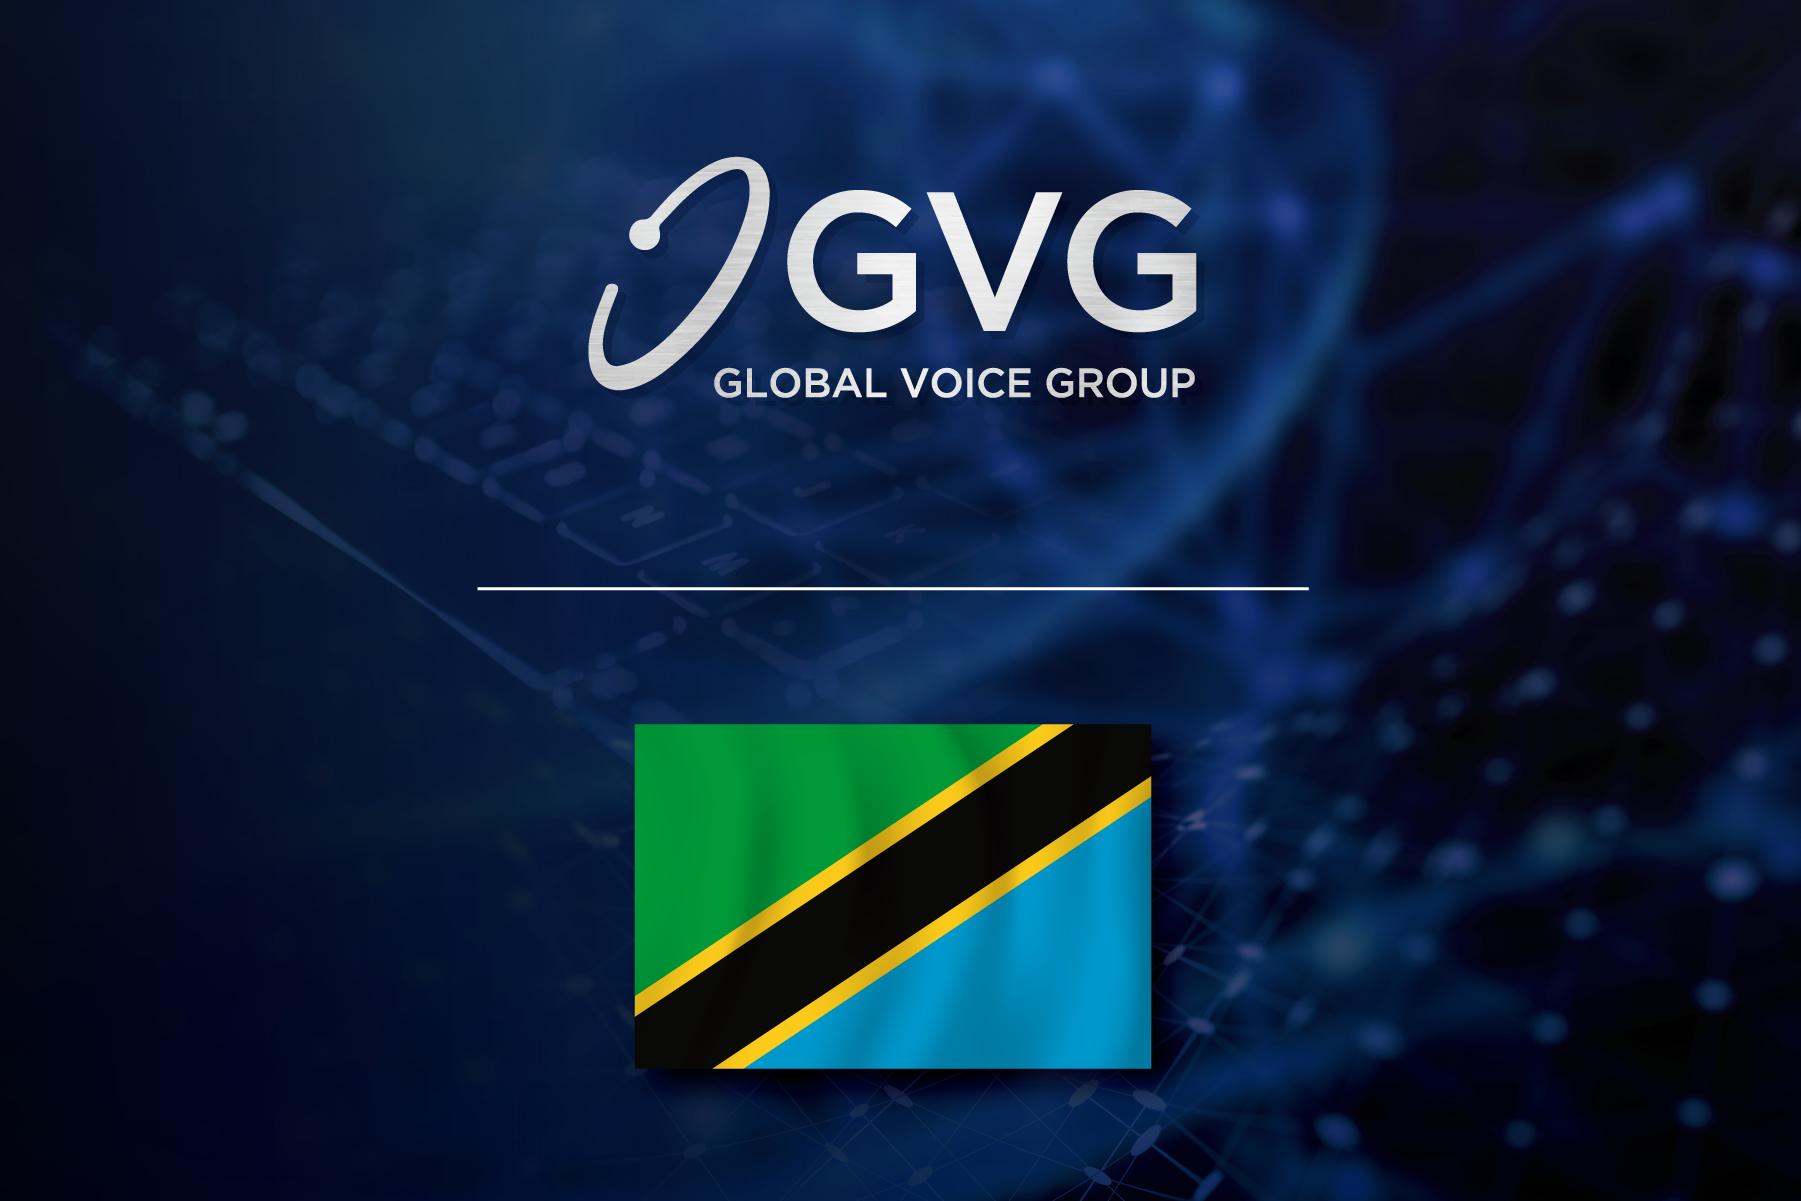 La Tanzanie Augmente Ses Recettes Grâce à Un Système De Surveillance De Son Trafic Téléphonique